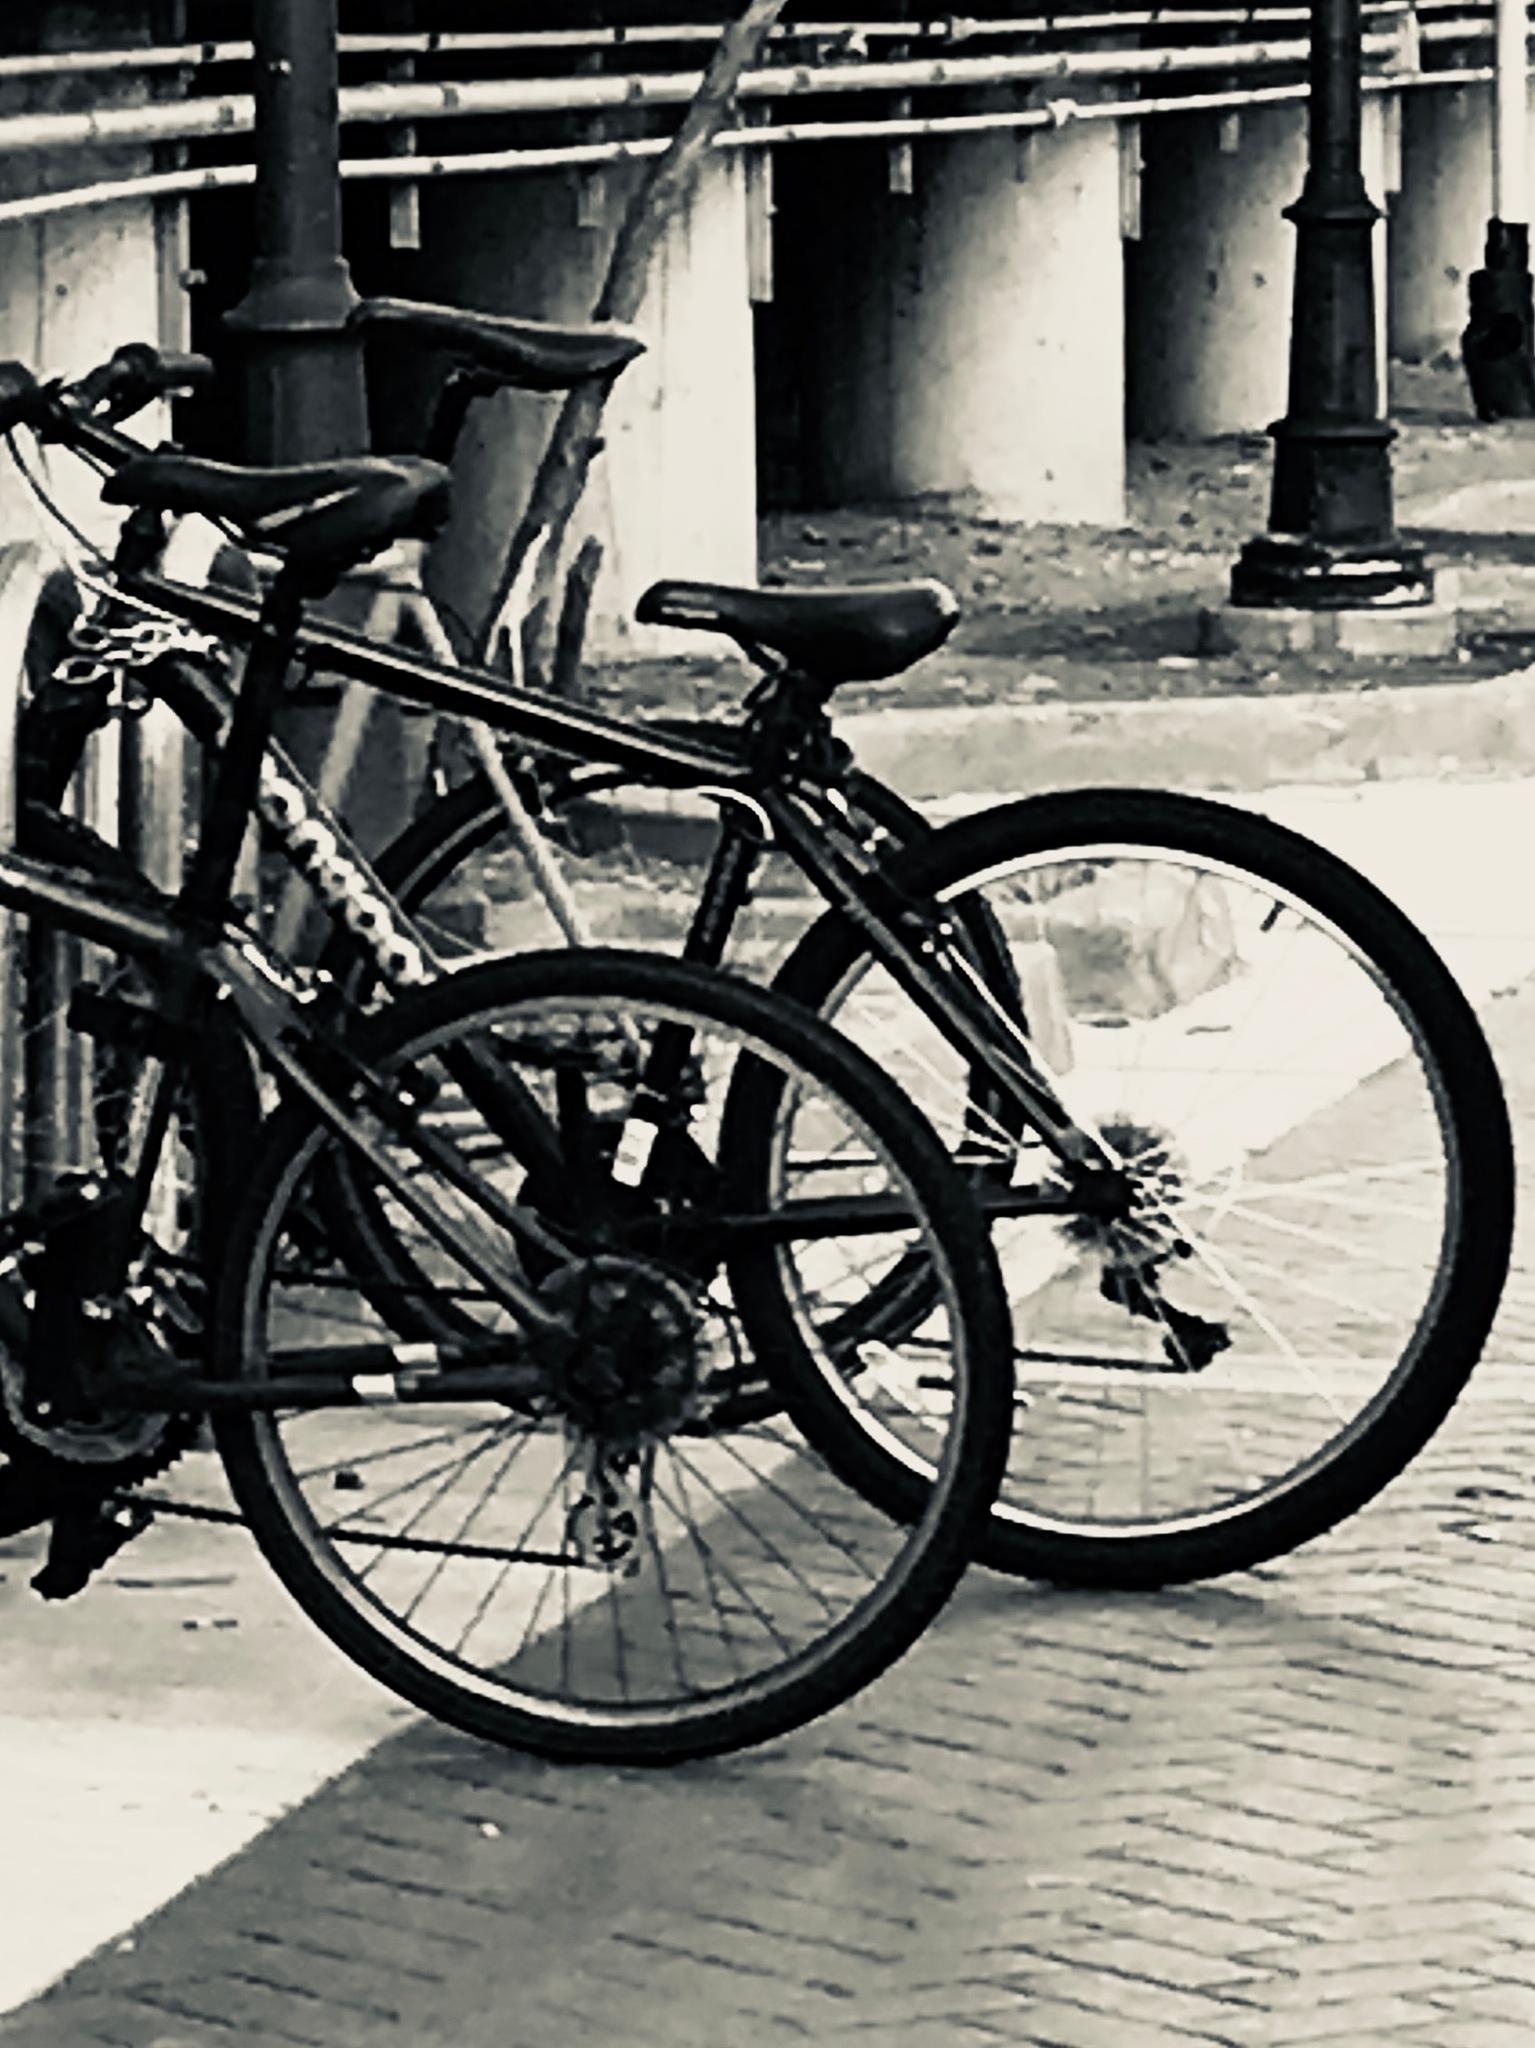 Bikes  by Laurent Villard